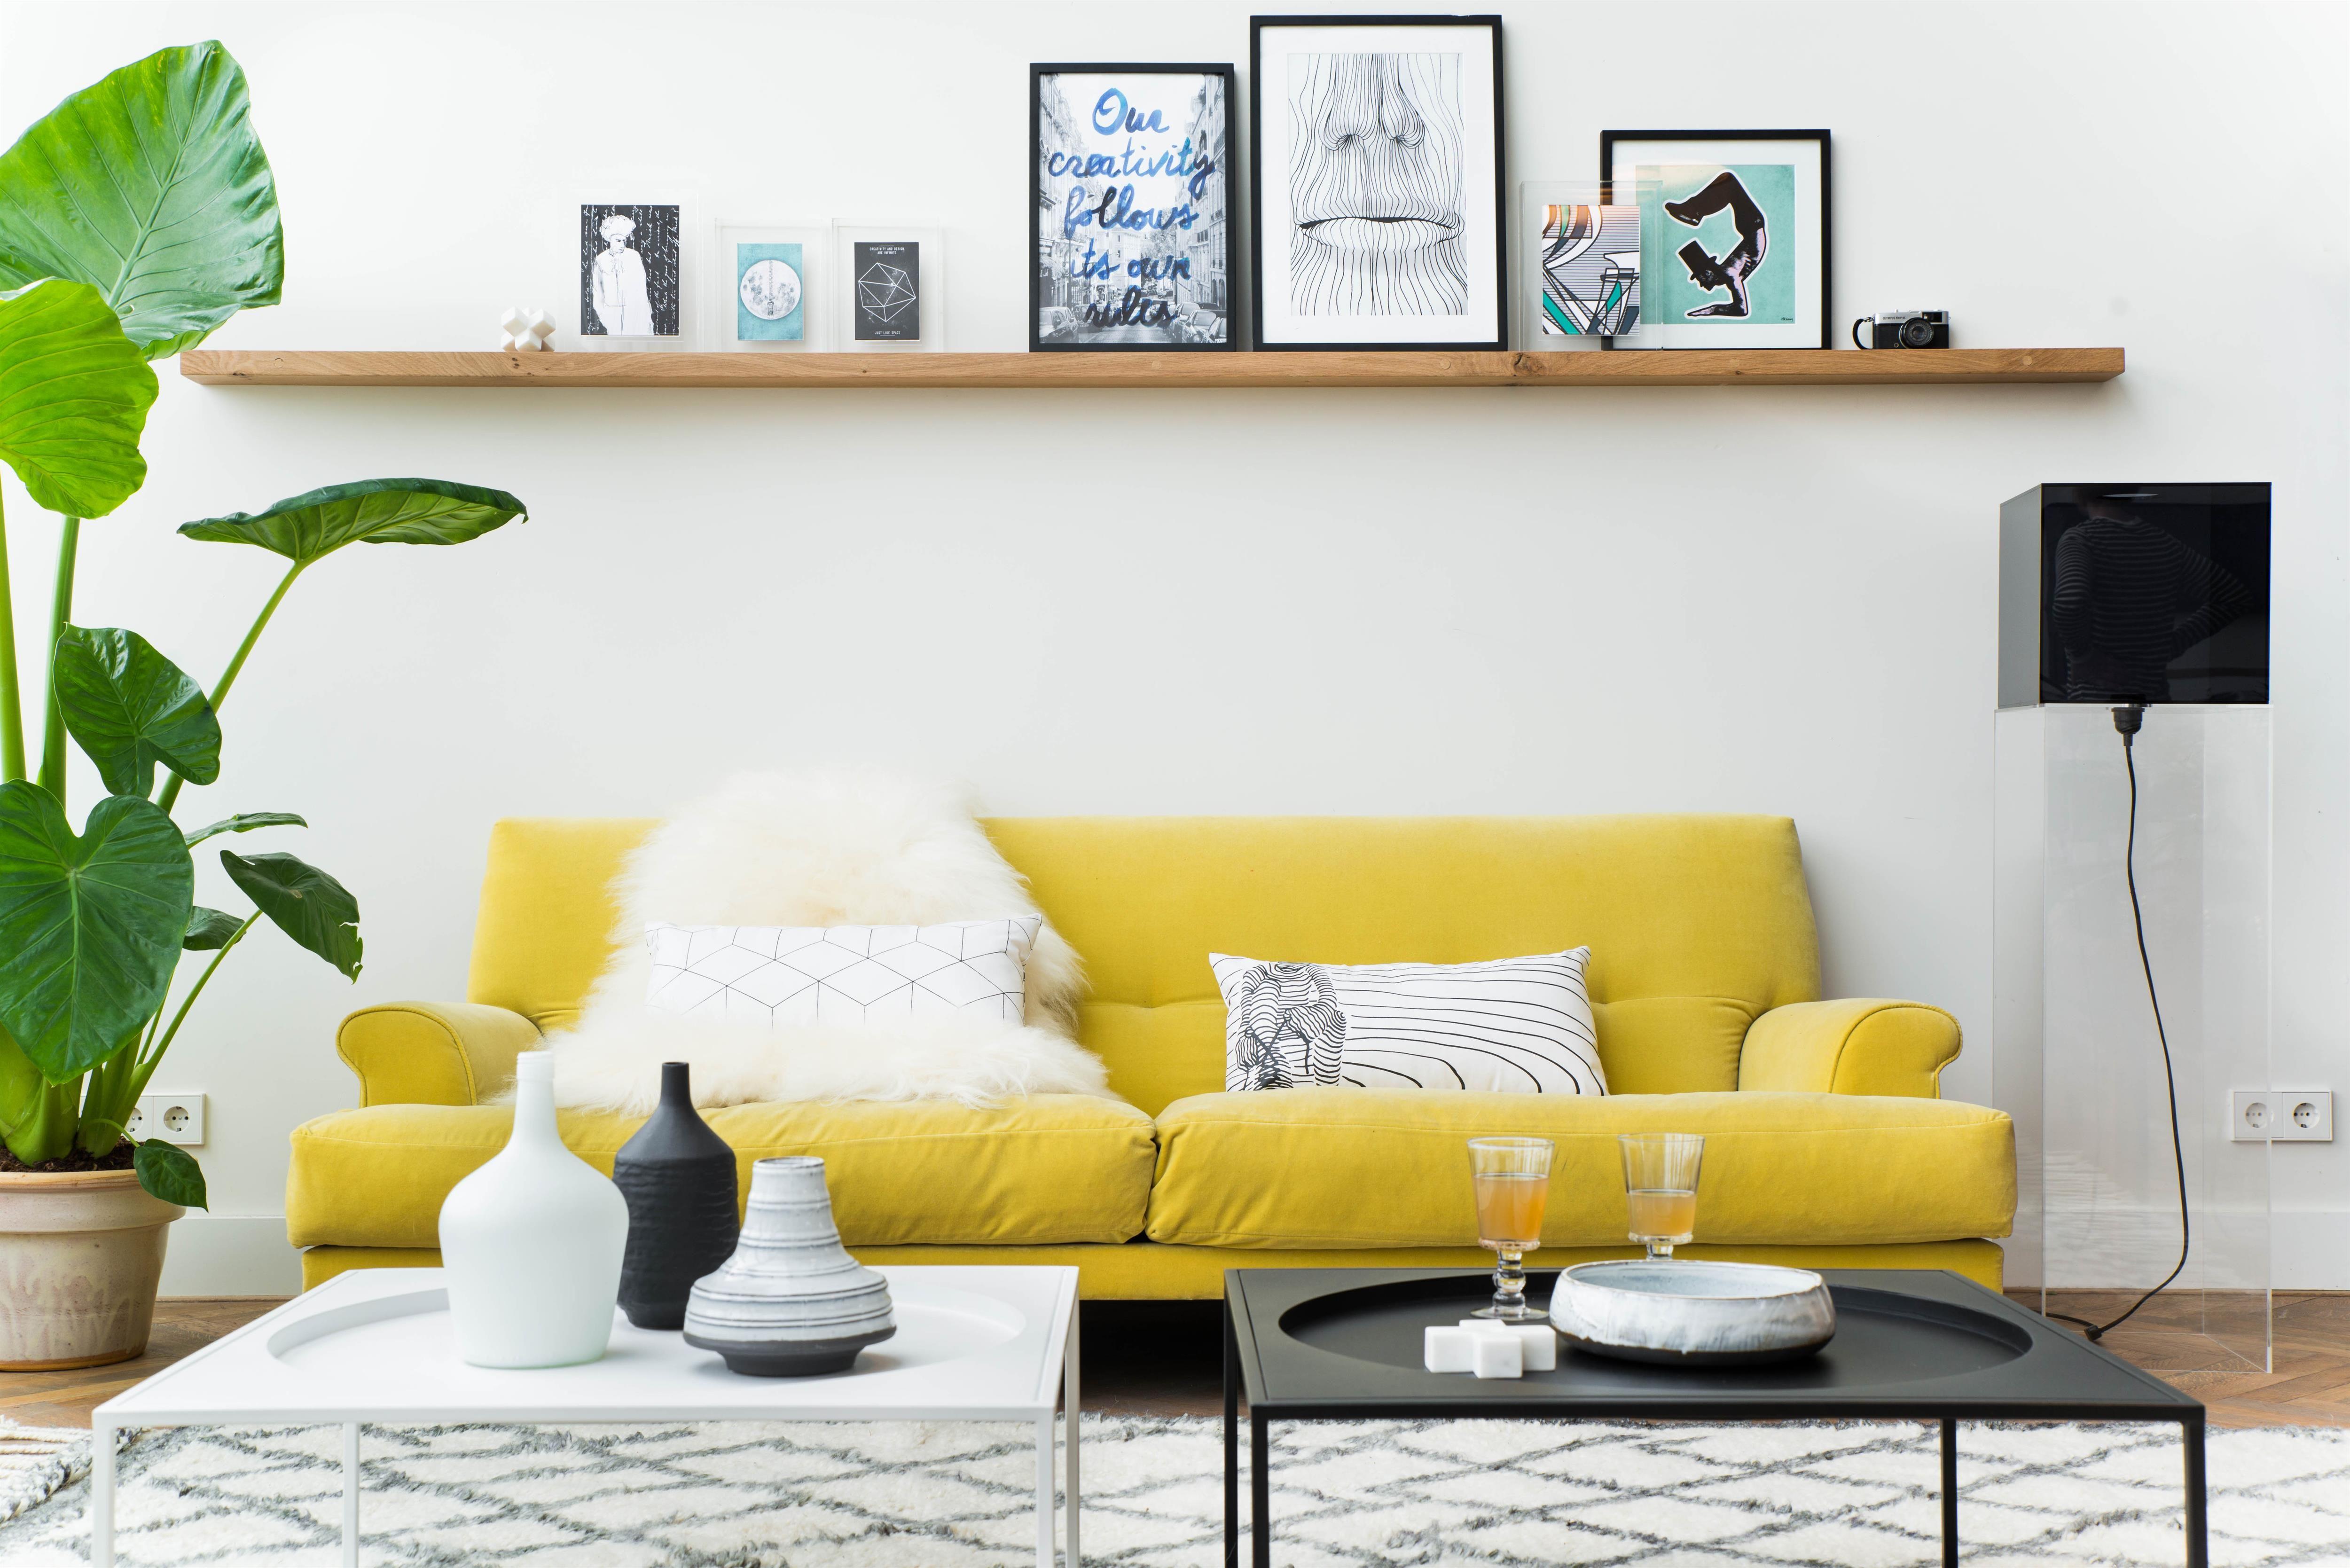 Mooi beeld van een woonkamer met een gele bank en vol meubels en ...